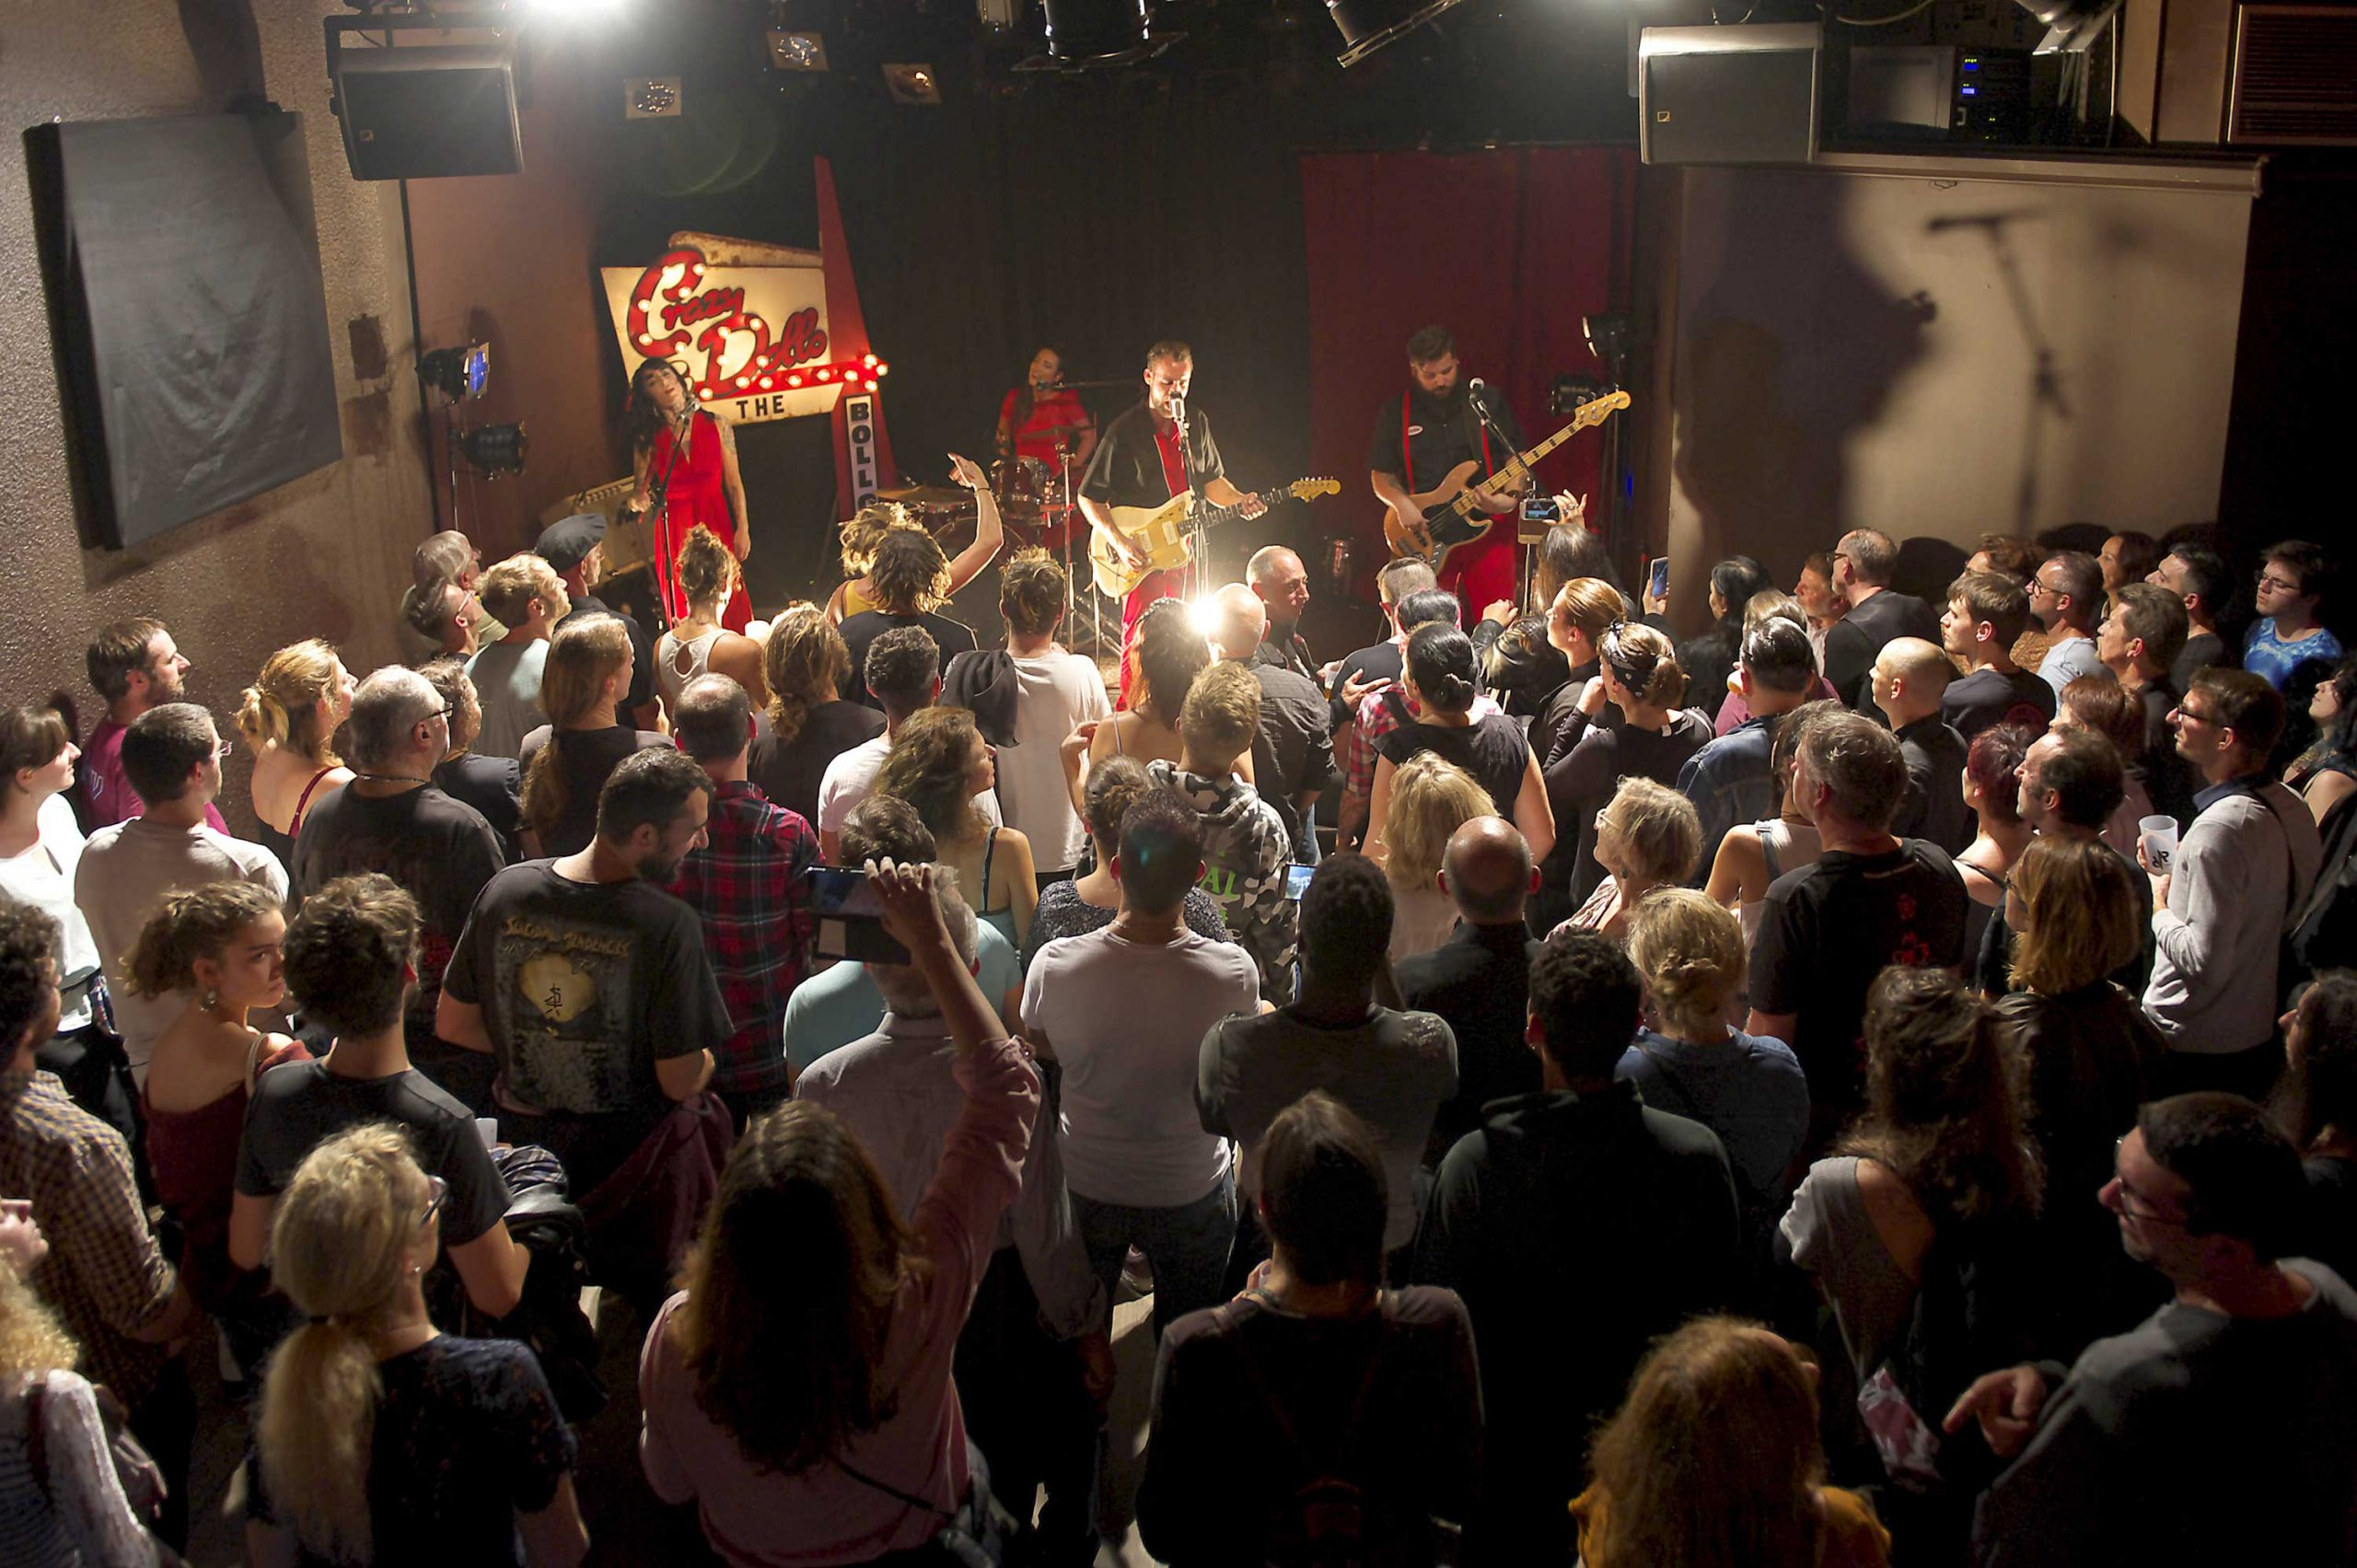 2012 : après le label Café Musique, Rock et Chanson obtient le label national SMAC (Scène de musiques actuelles), et devient la plus petite scène de musiques actuelles conventionnée de France ! L'Antirouille programme 25 concerts par an et accueille tout au long de l'année des dizaines de groupe pour du travail sur scène (résidences, pré-prod…) (Groupe : Les Crazy Dolls and the Bollocks, L'Antirouille 2018, ©S. Caro)